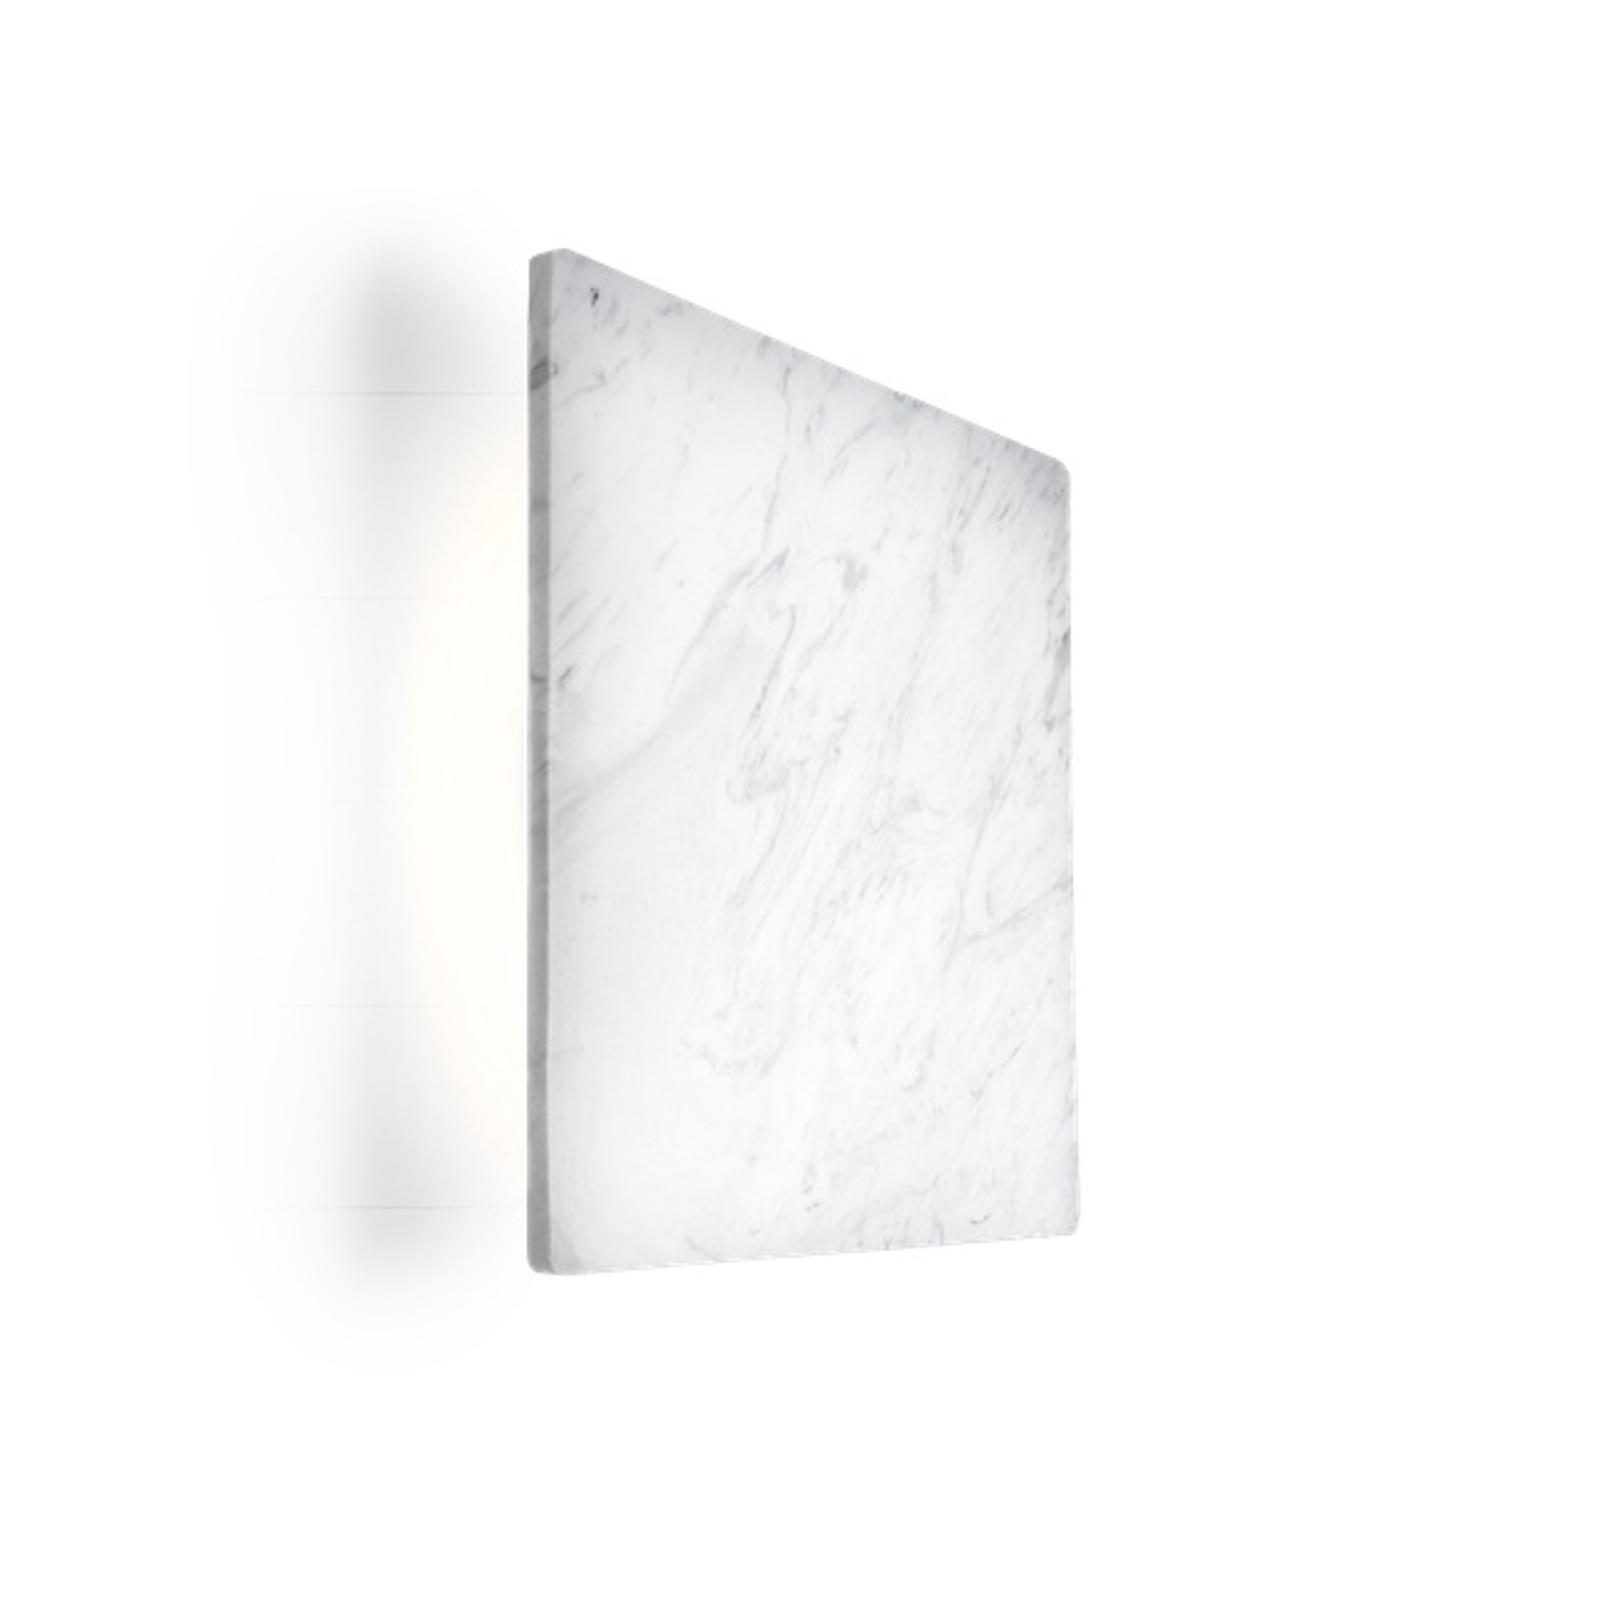 WEVER & DUCRÉ Miles 3.0 muur 30x30cm marmer wit